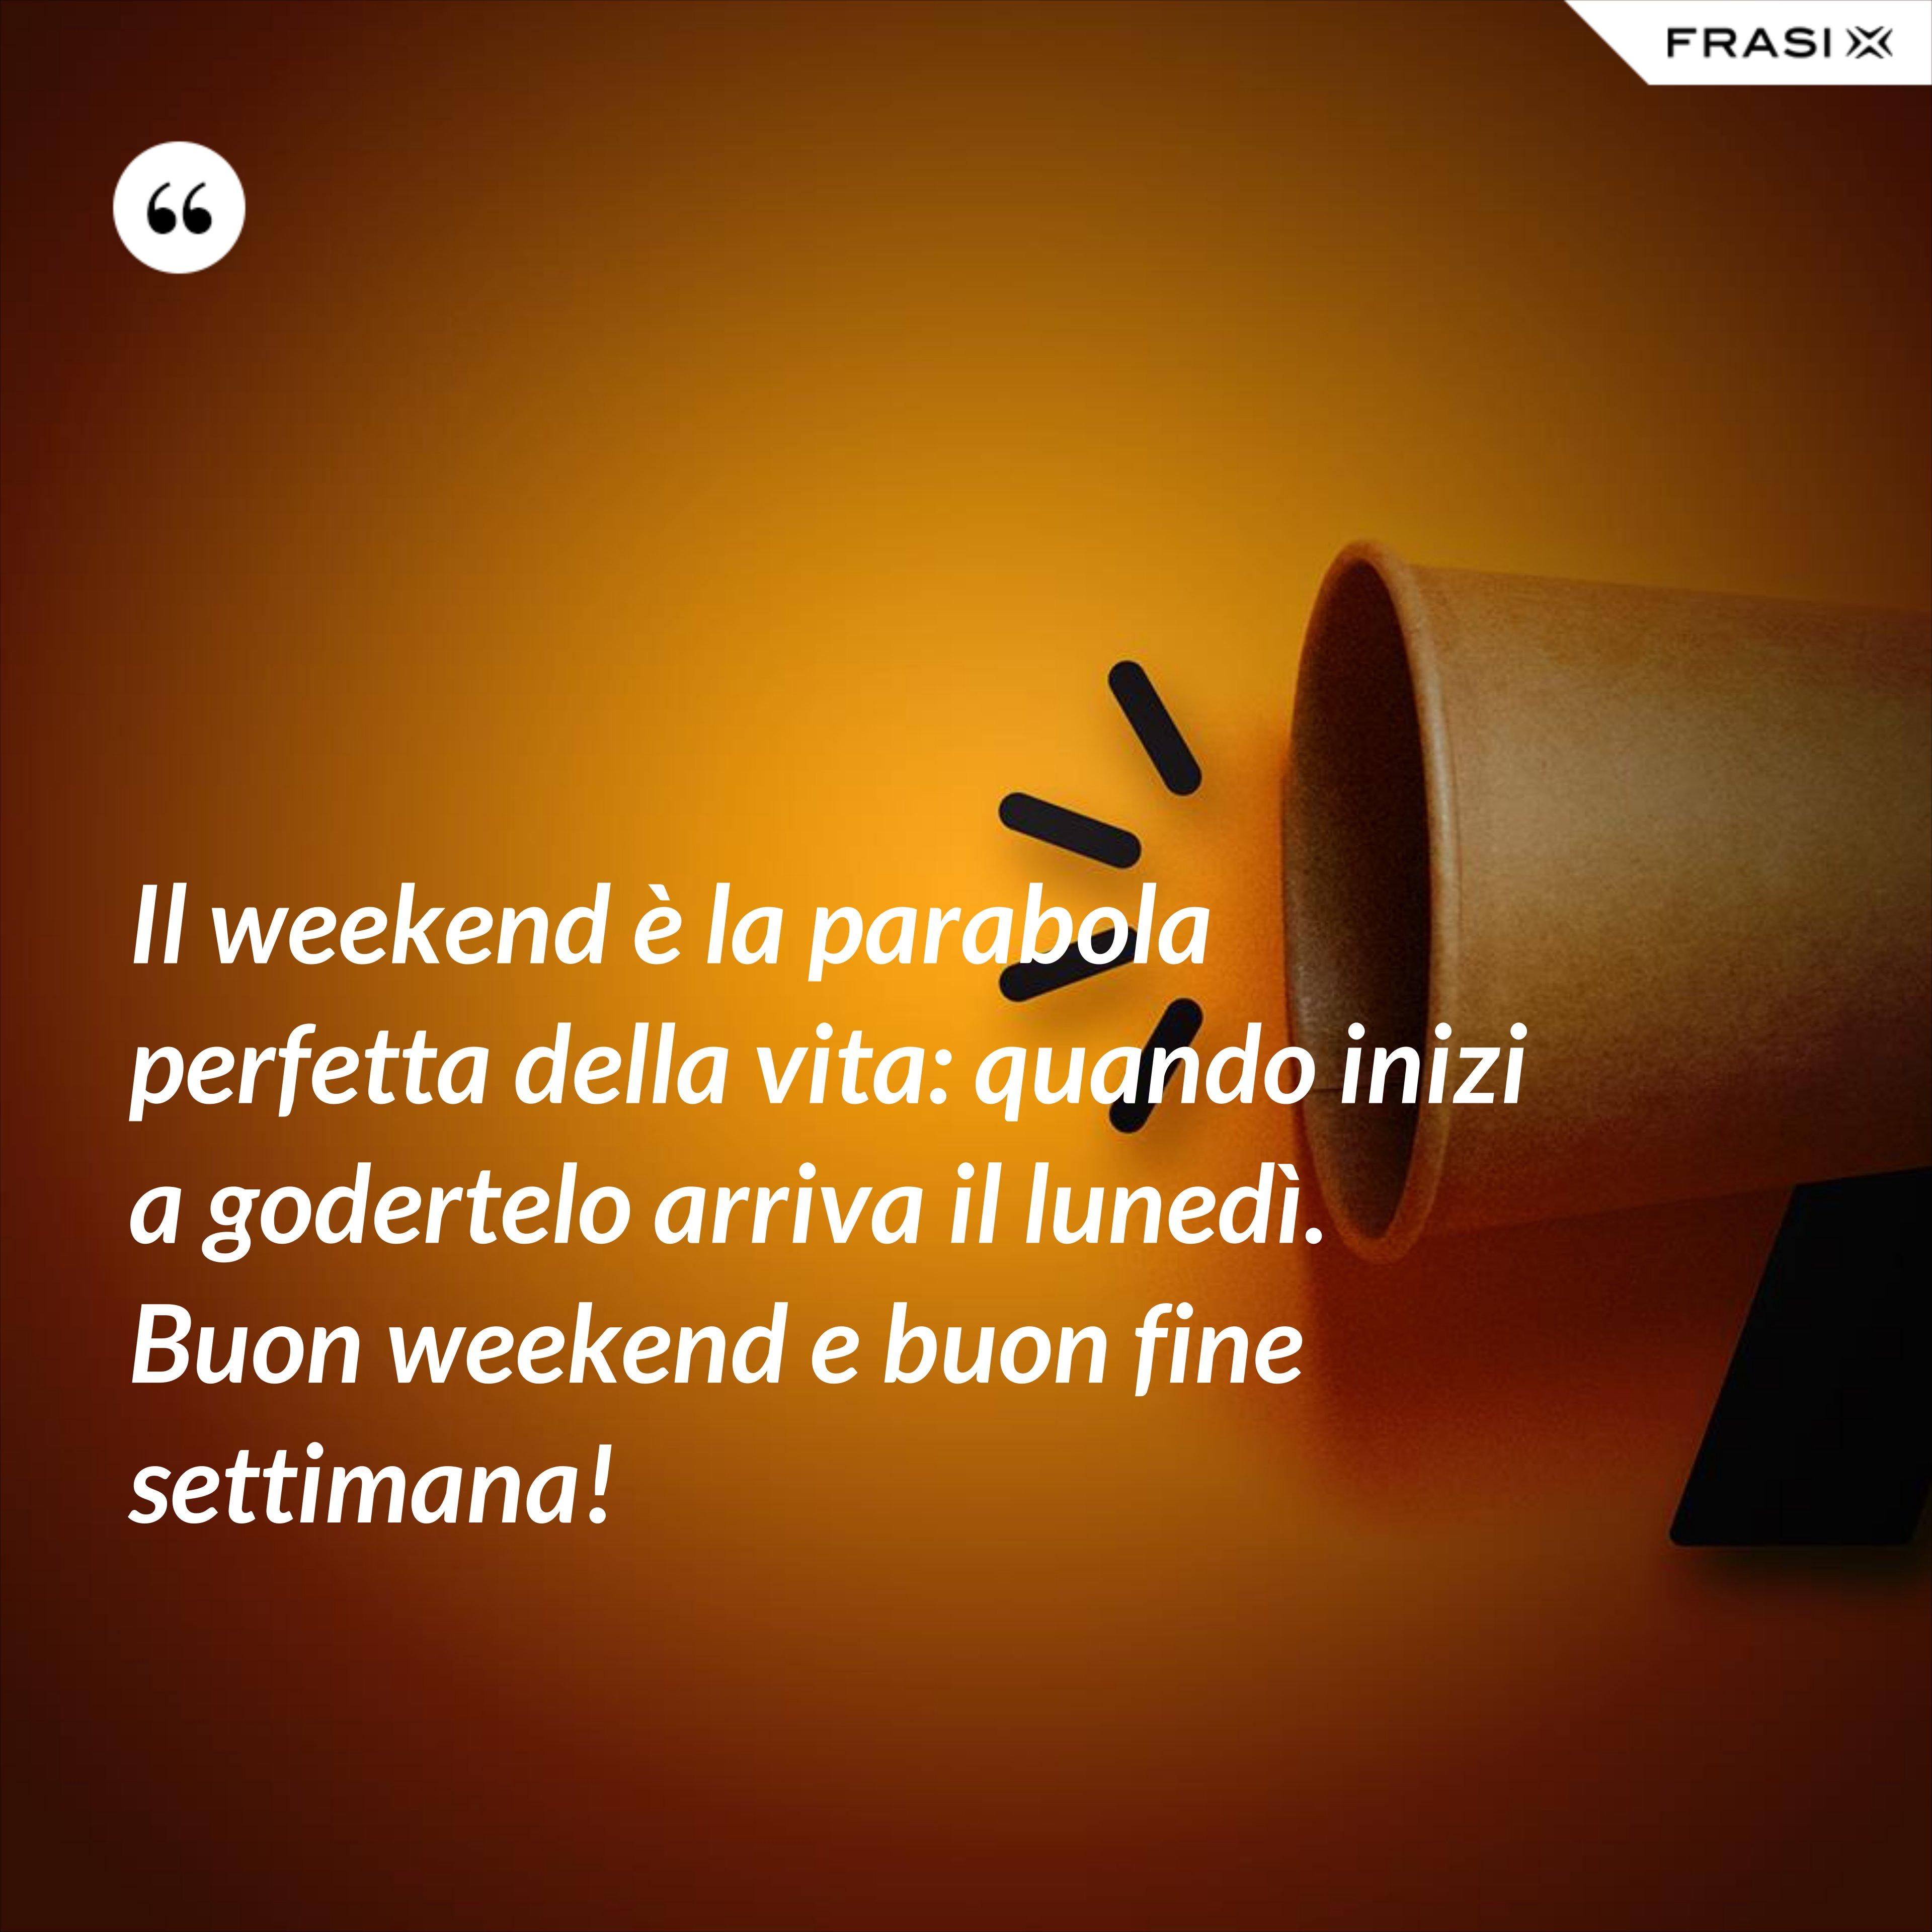 Il weekend è la parabola perfetta della vita: quando inizi a godertelo arriva il lunedì. Buon weekend e buon fine settimana! - Anonimo